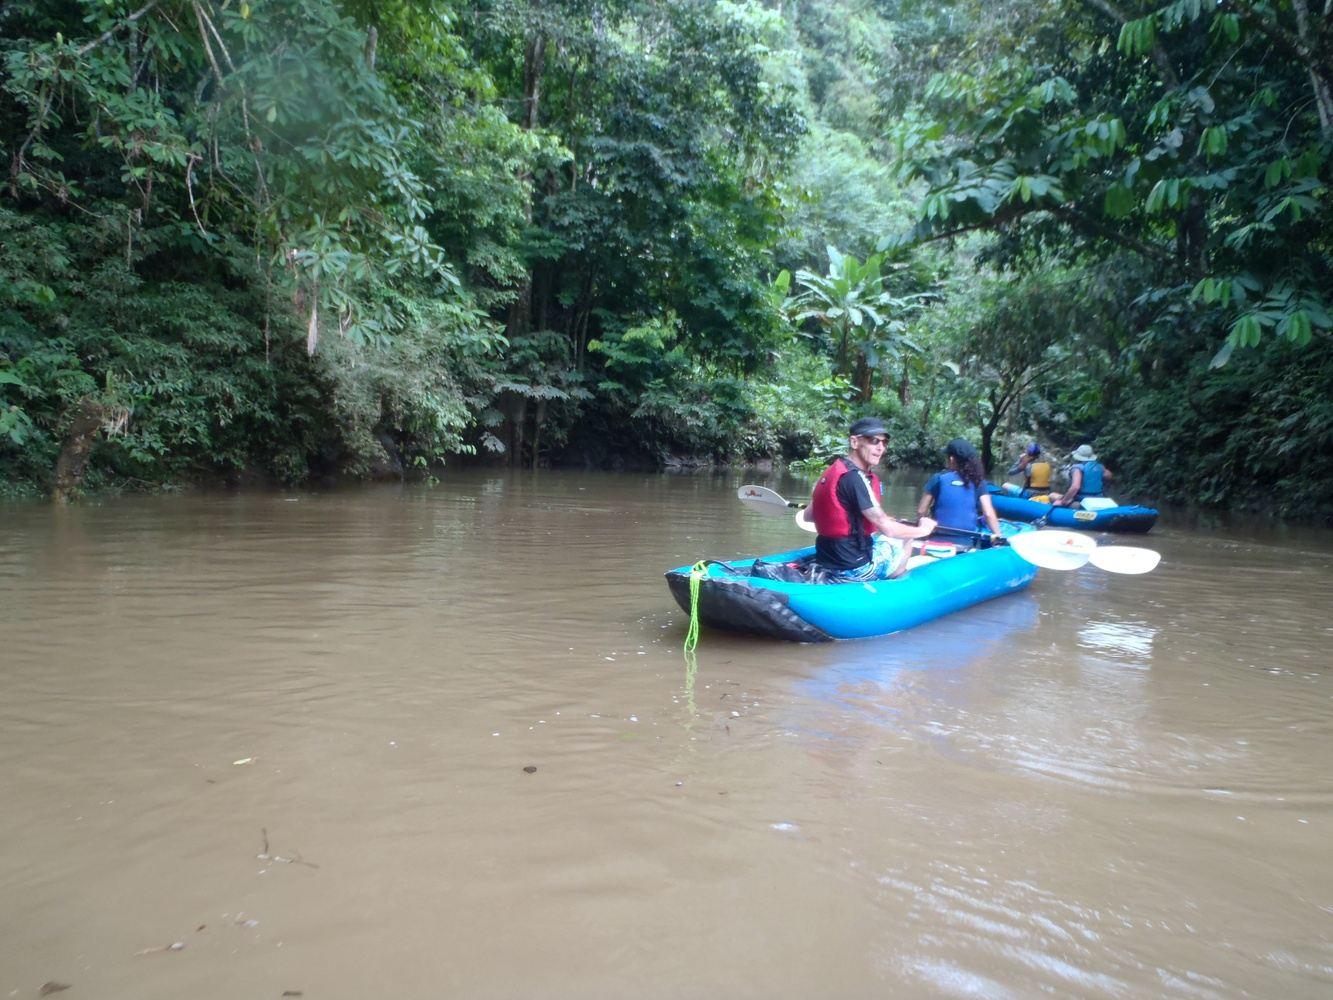 Rio Nare Multi Activity Trip